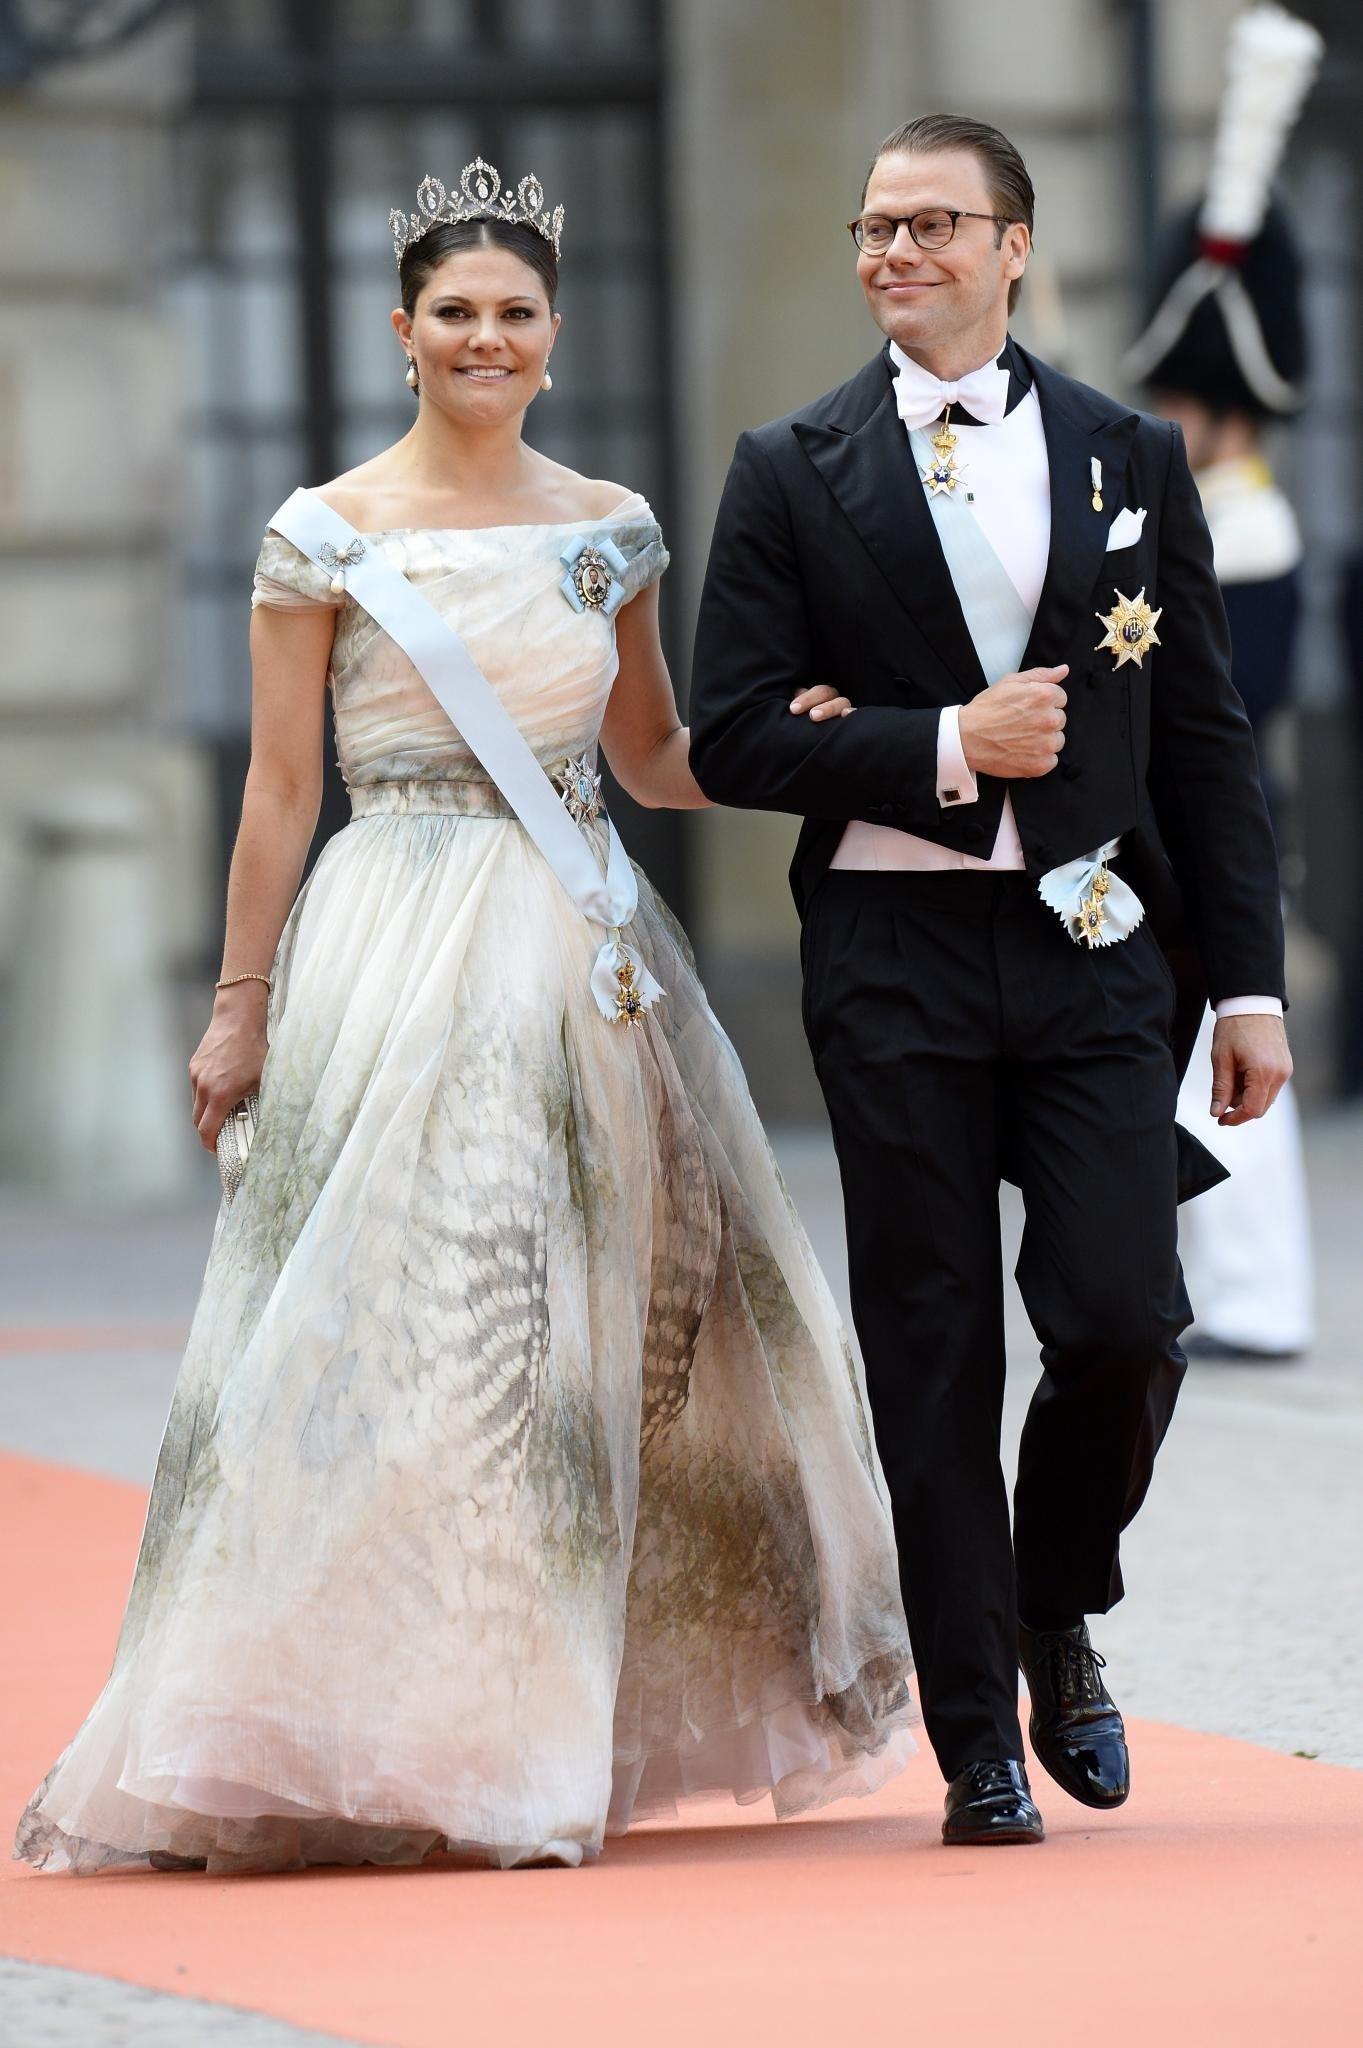 Formal Top Blumenkleid Für Hochzeit Vertrieb13 Luxurius Blumenkleid Für Hochzeit Galerie